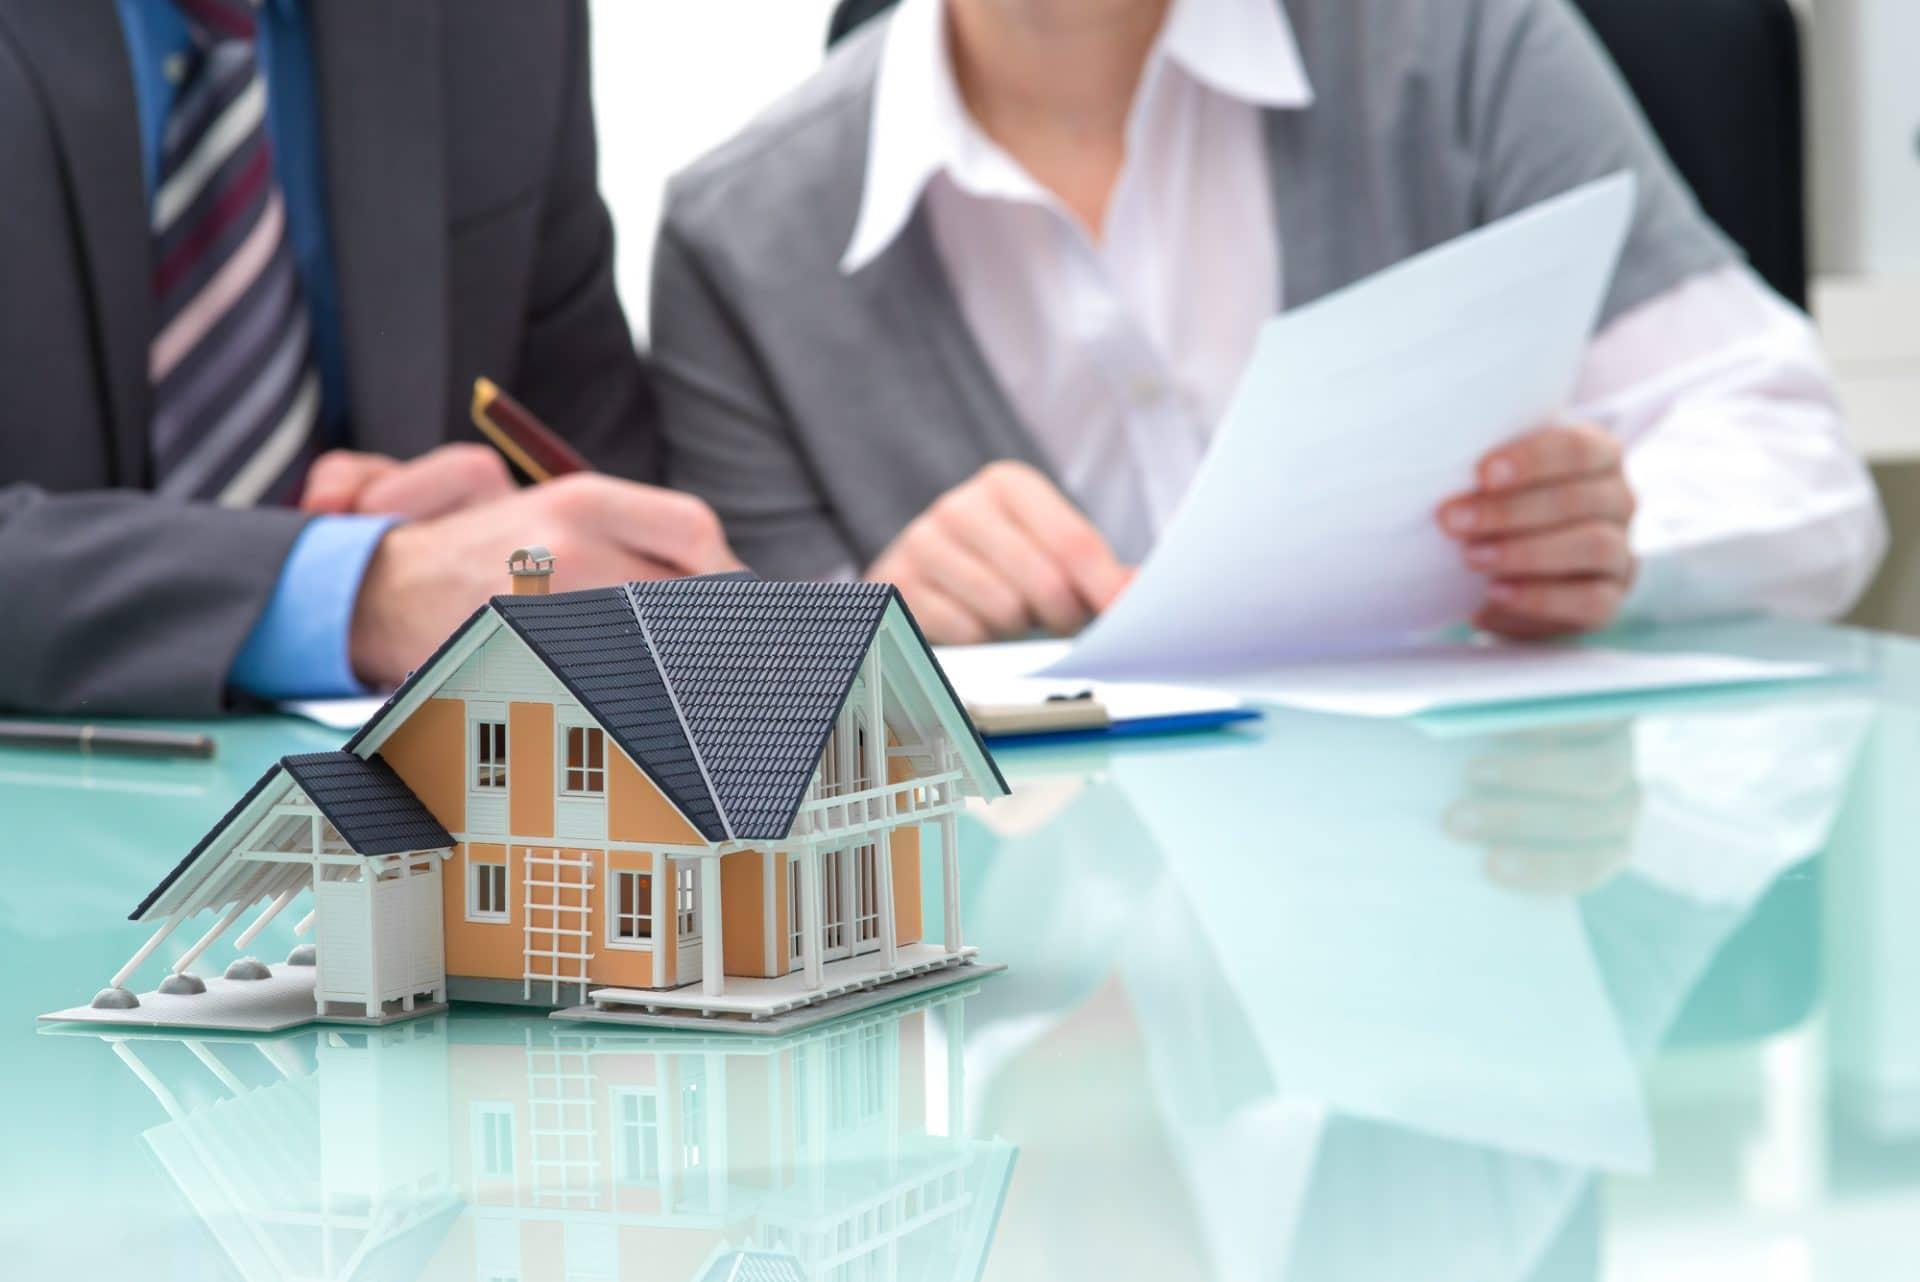 """רכישת דירה   מכירת דירה   עלויות רכישת דירה   דירה מקבלן   עו""""ד ונוטריון מירית עטיה"""